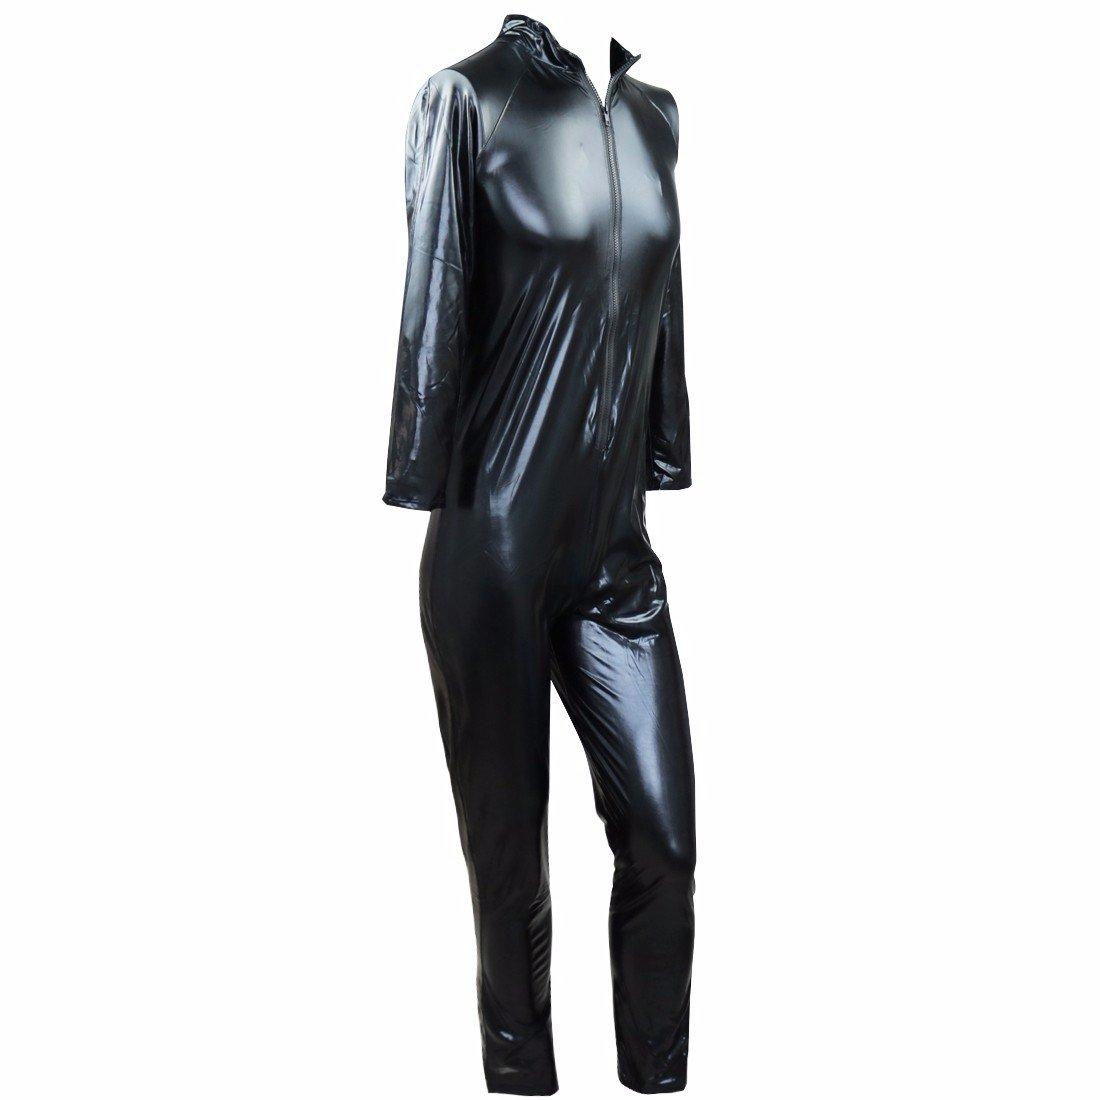 FEESHOW Wetlook Herren Body Zip Lederoptik M/änner Dessous Bodysuit Catsuit Overall Schwarz